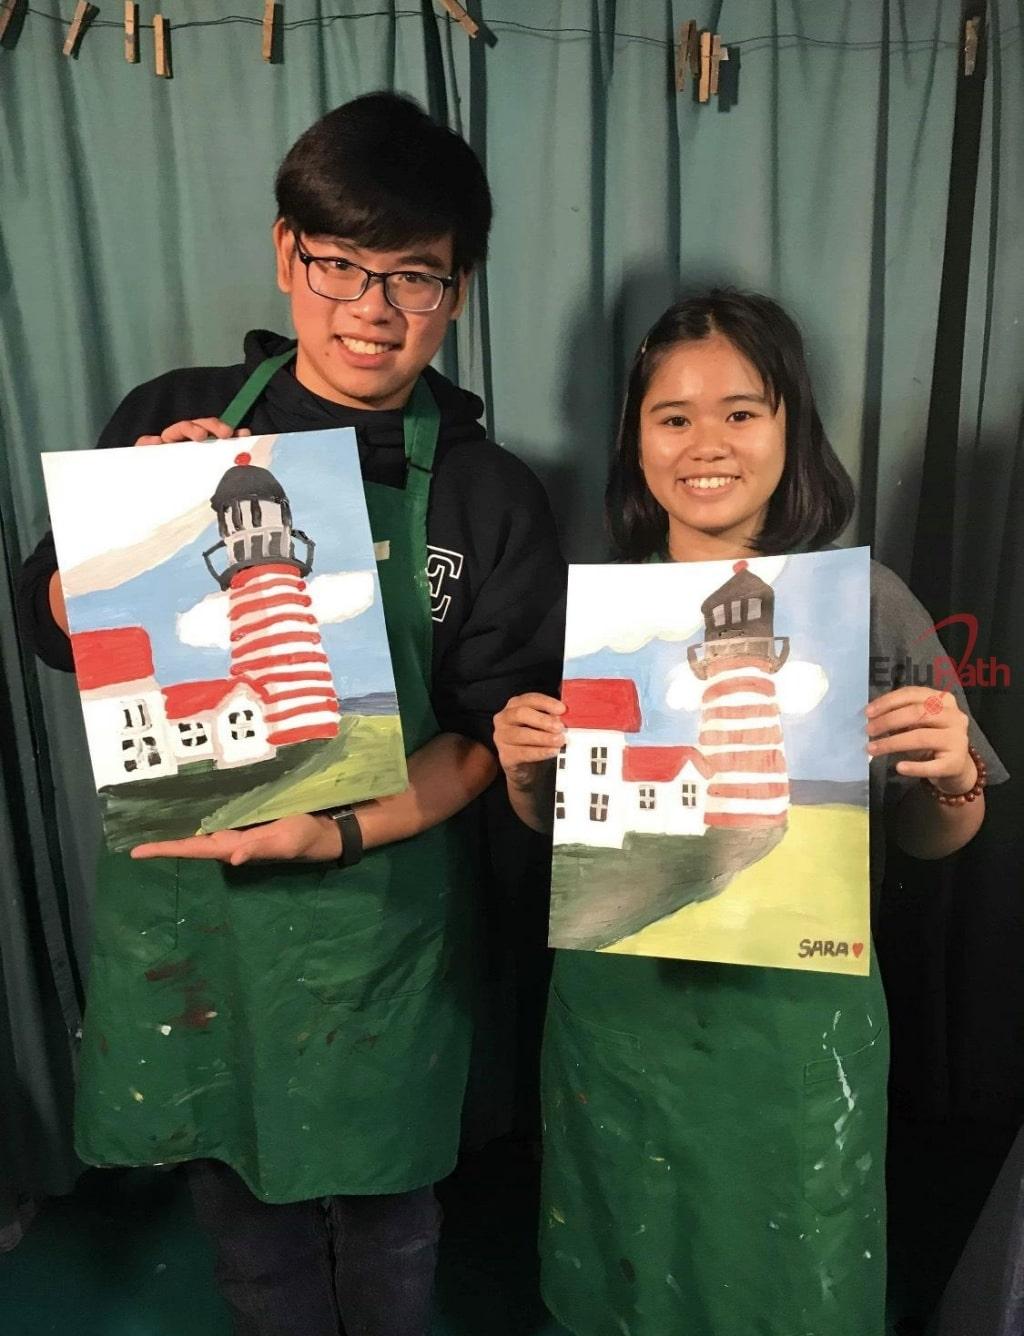 Diệu Quỳnh tham gia hoạt động của trường cùng Hoàng Phước